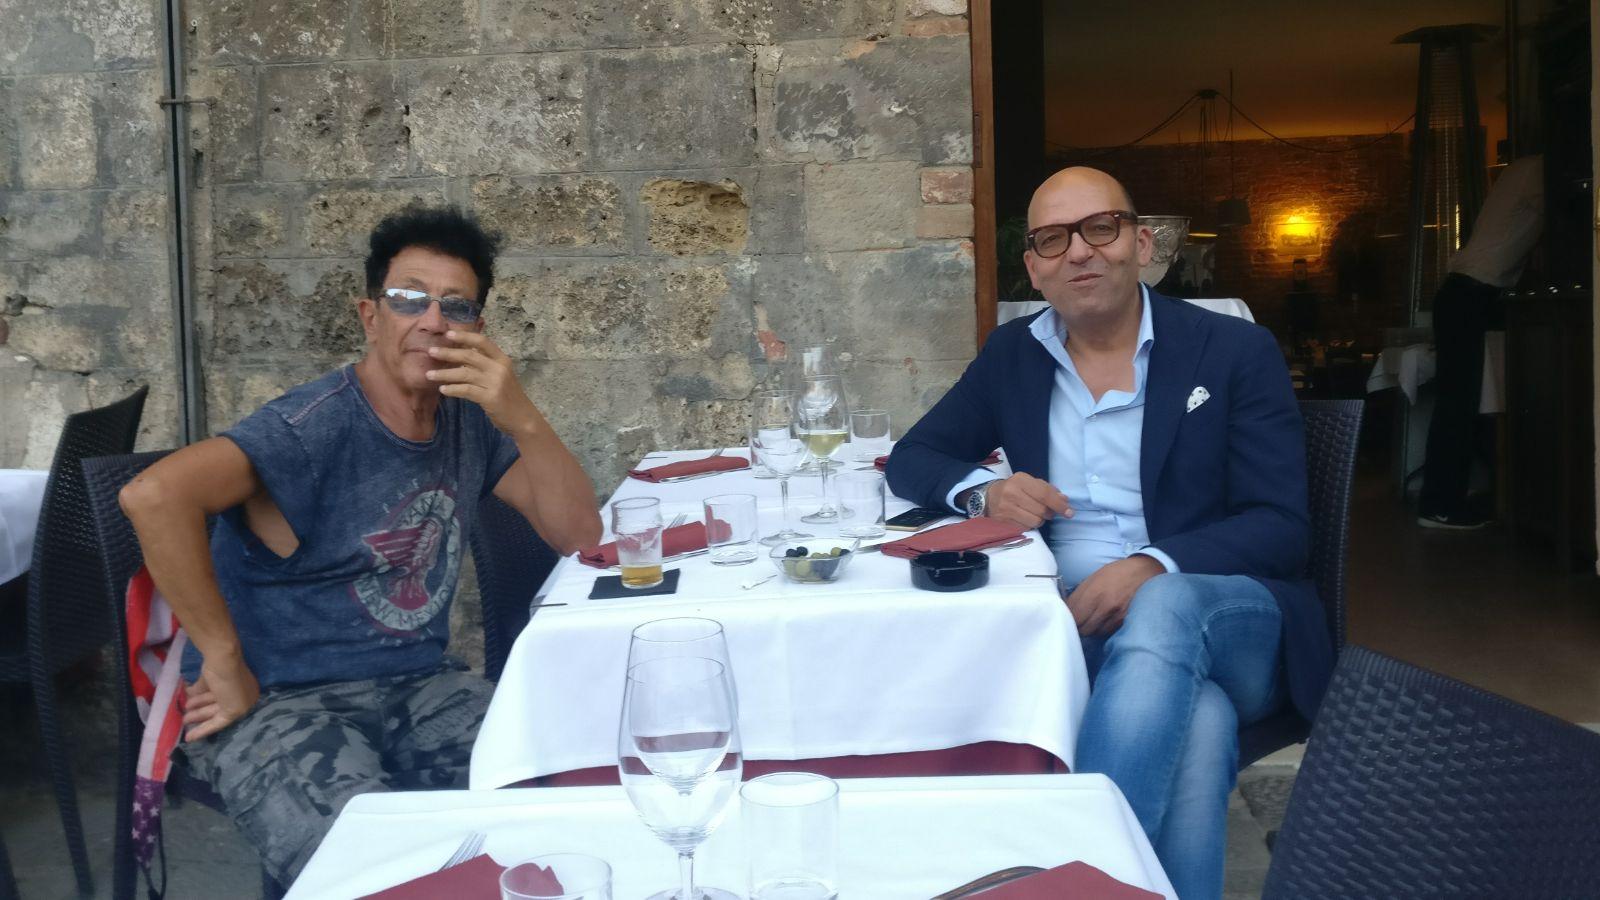 Edoardo Bennato prende l'aperitivo in Piazza del Campo